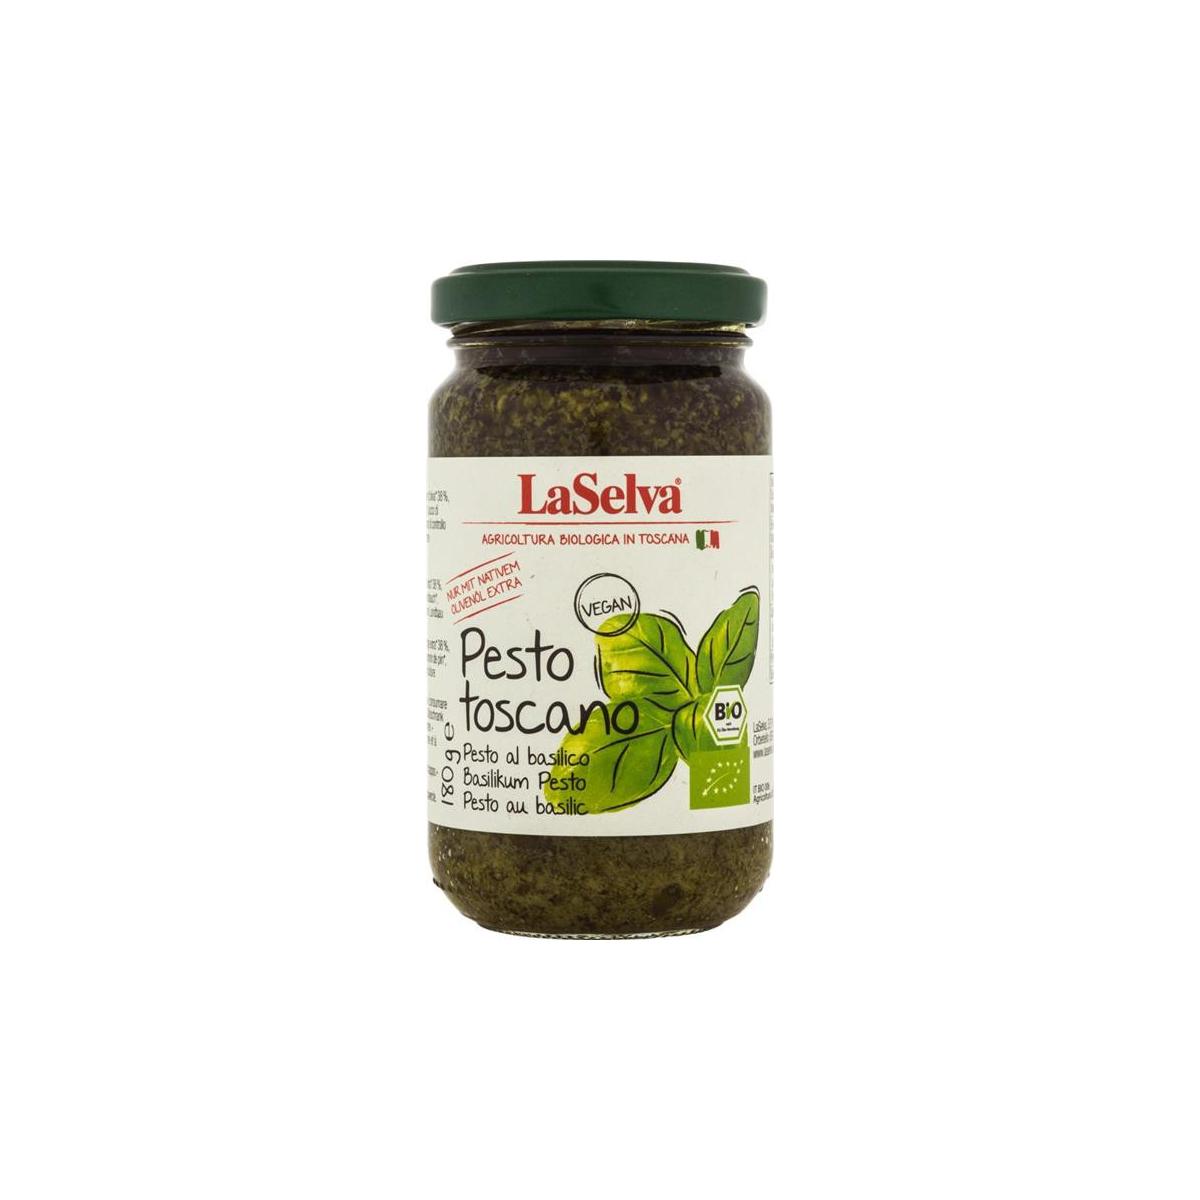 Pesto Toscano - Basilikum Pesto